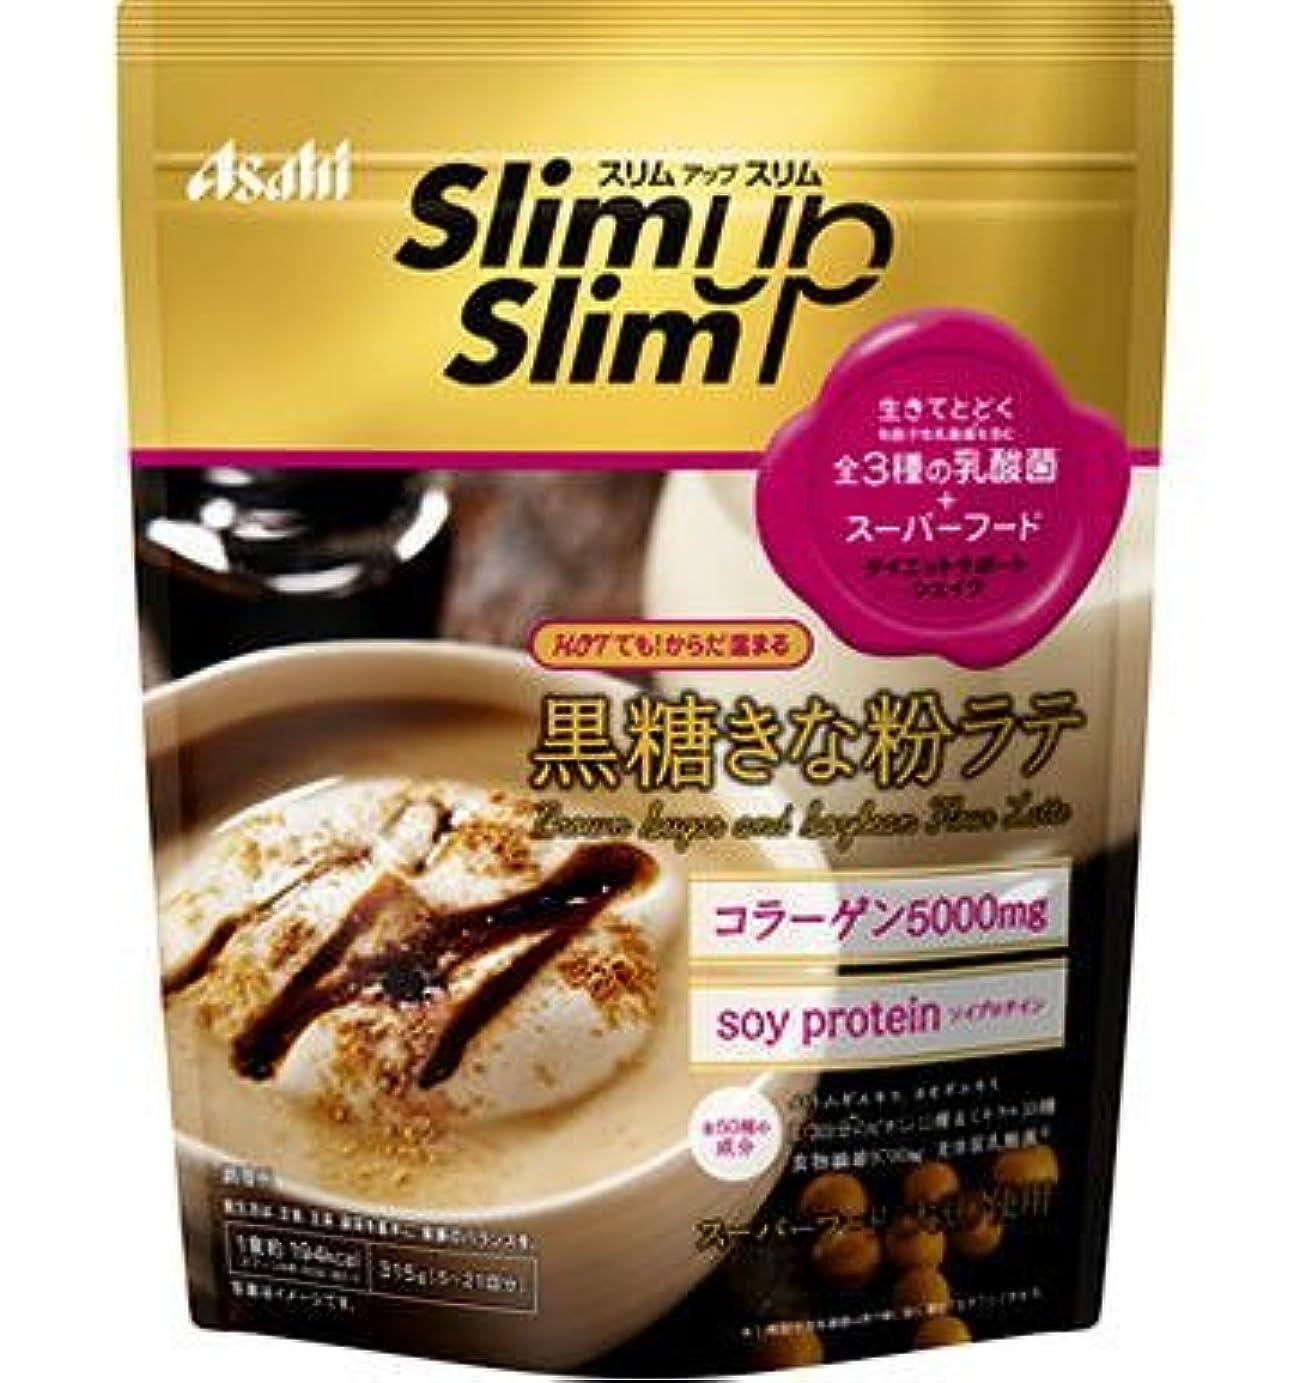 スチュワード私たちの除外するアサヒ スリムアップスリム 乳酸菌+スーパーフード シェイク 黒糖きな粉ラテ 315g×6個セット